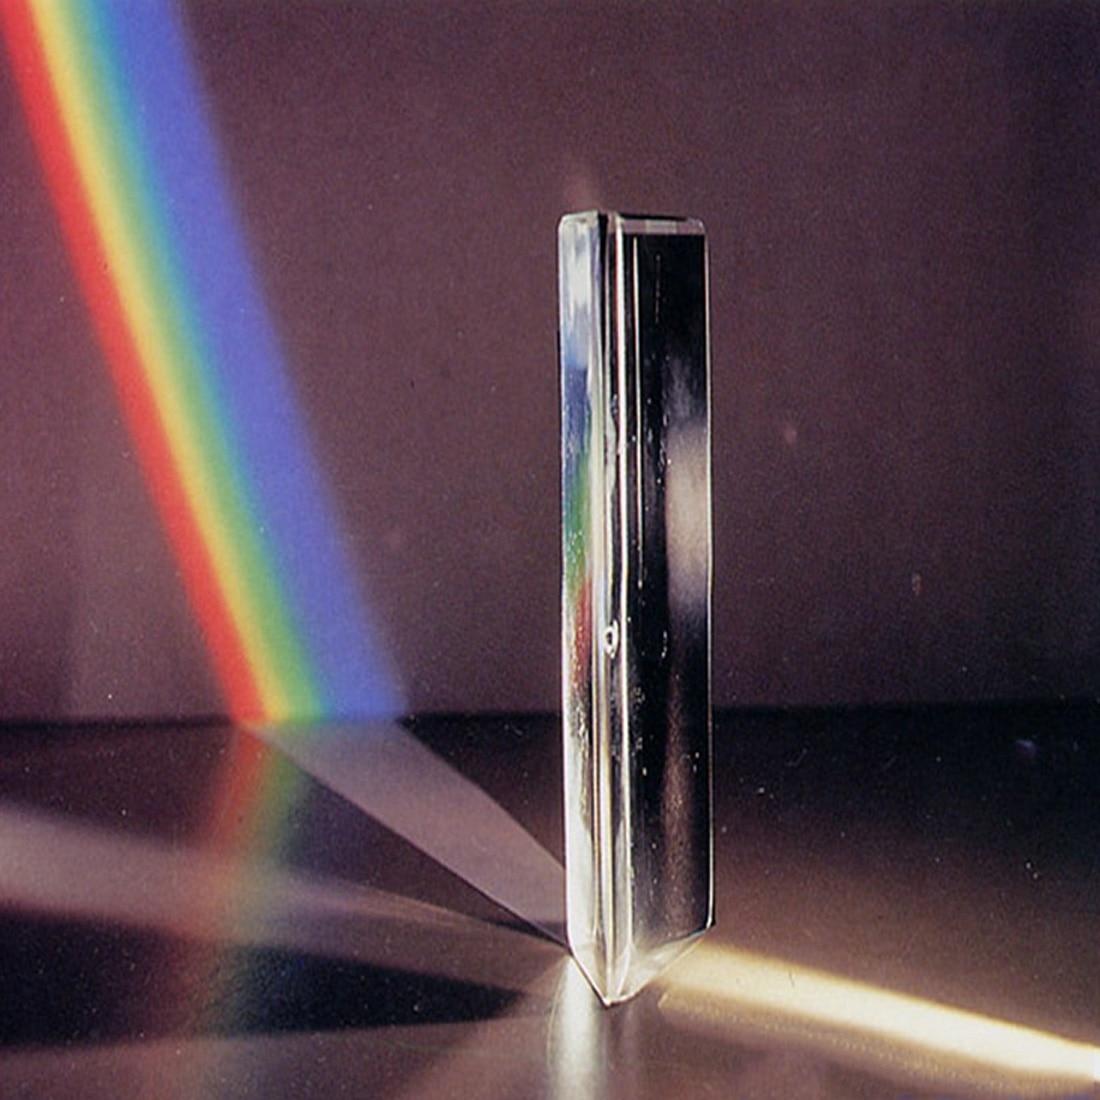 Image du prisme posé sur une table